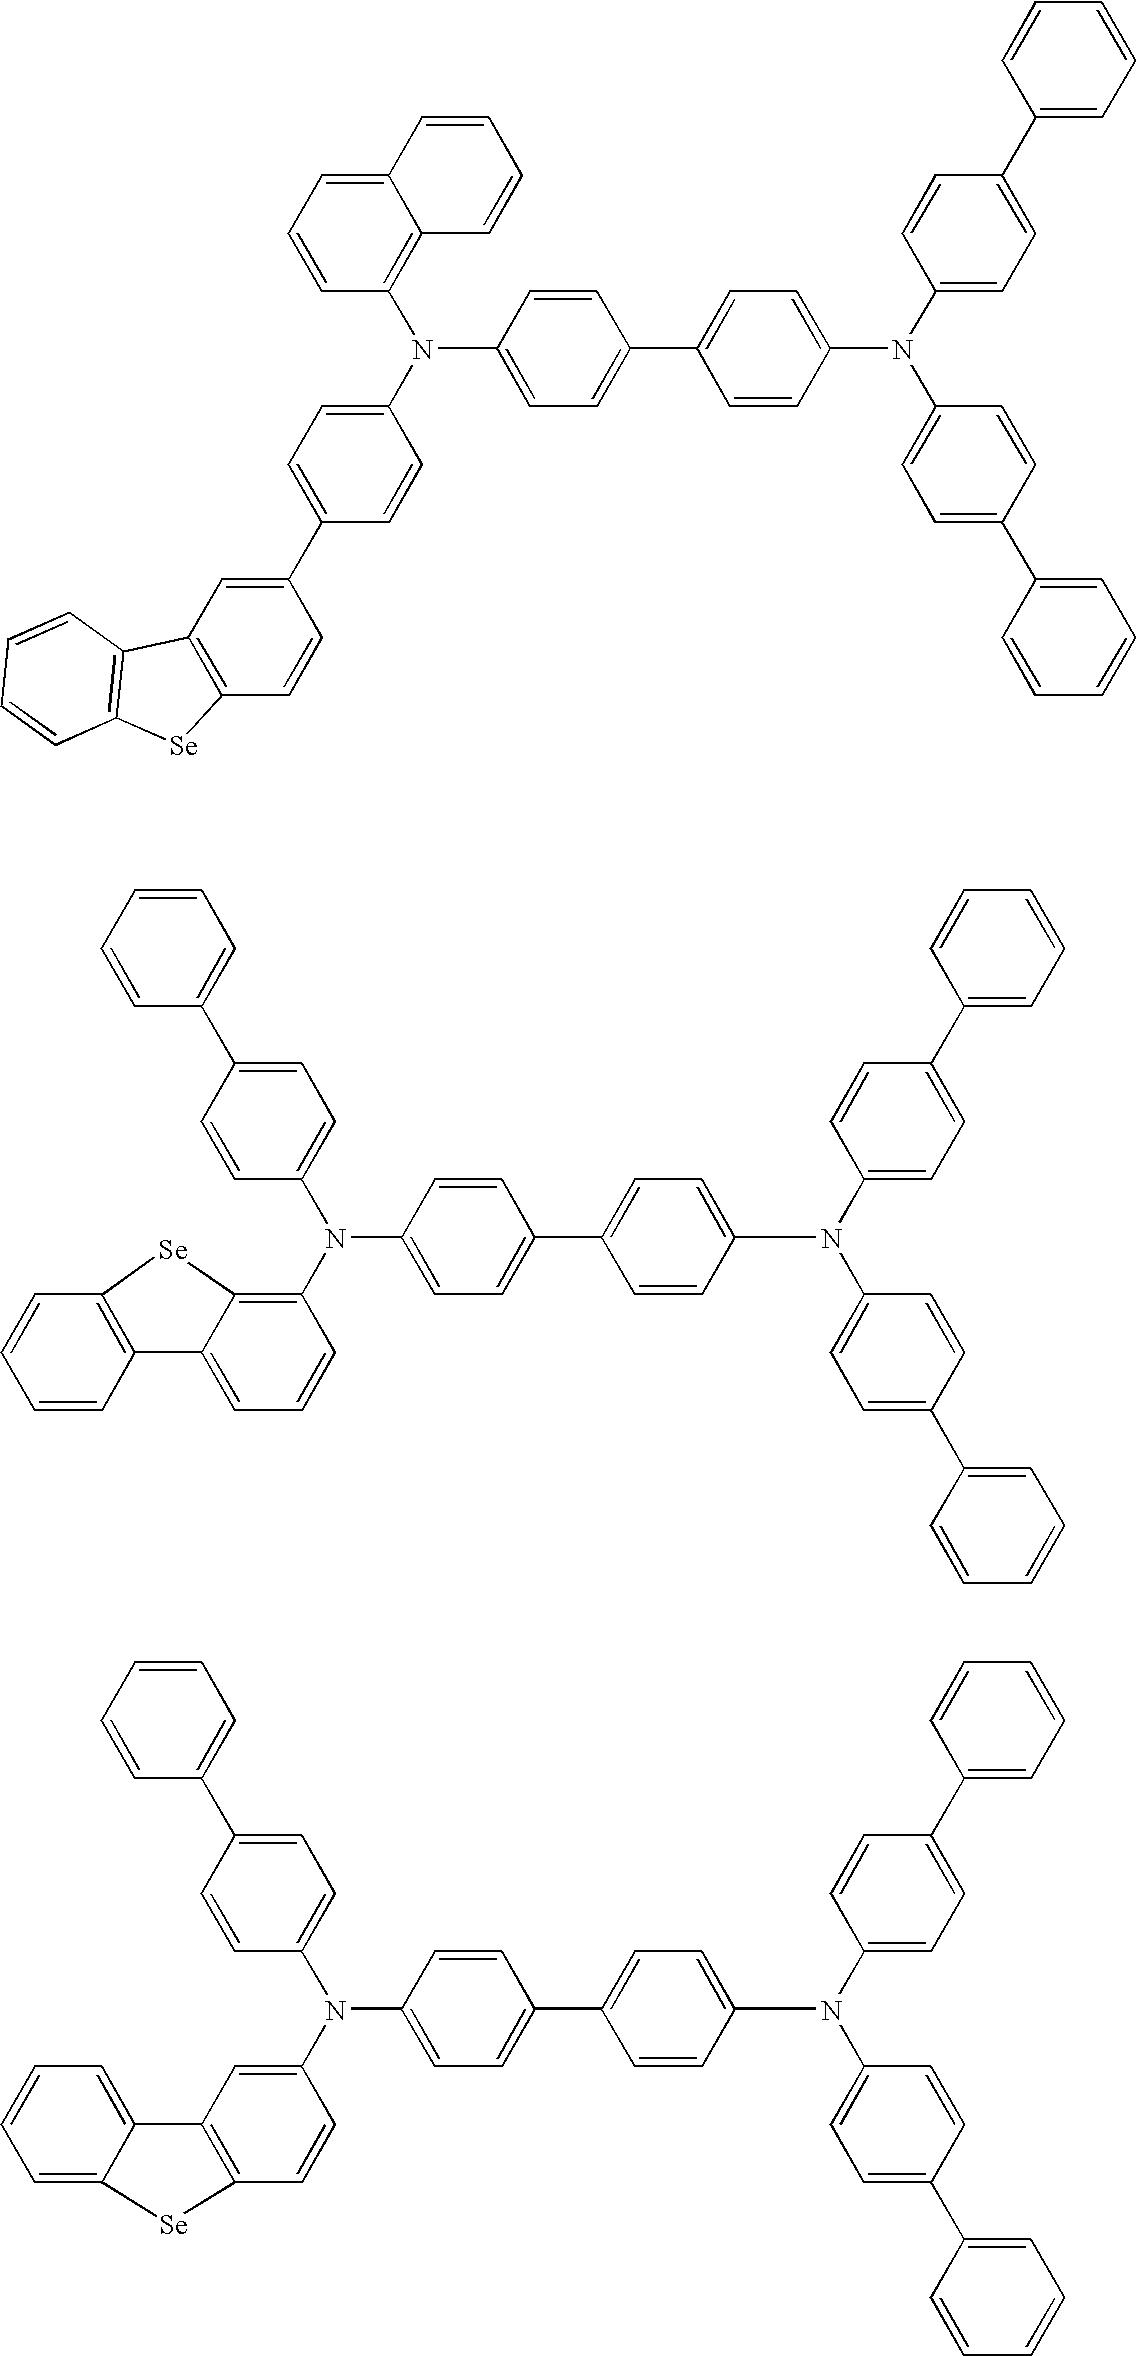 Figure US20100072887A1-20100325-C00209